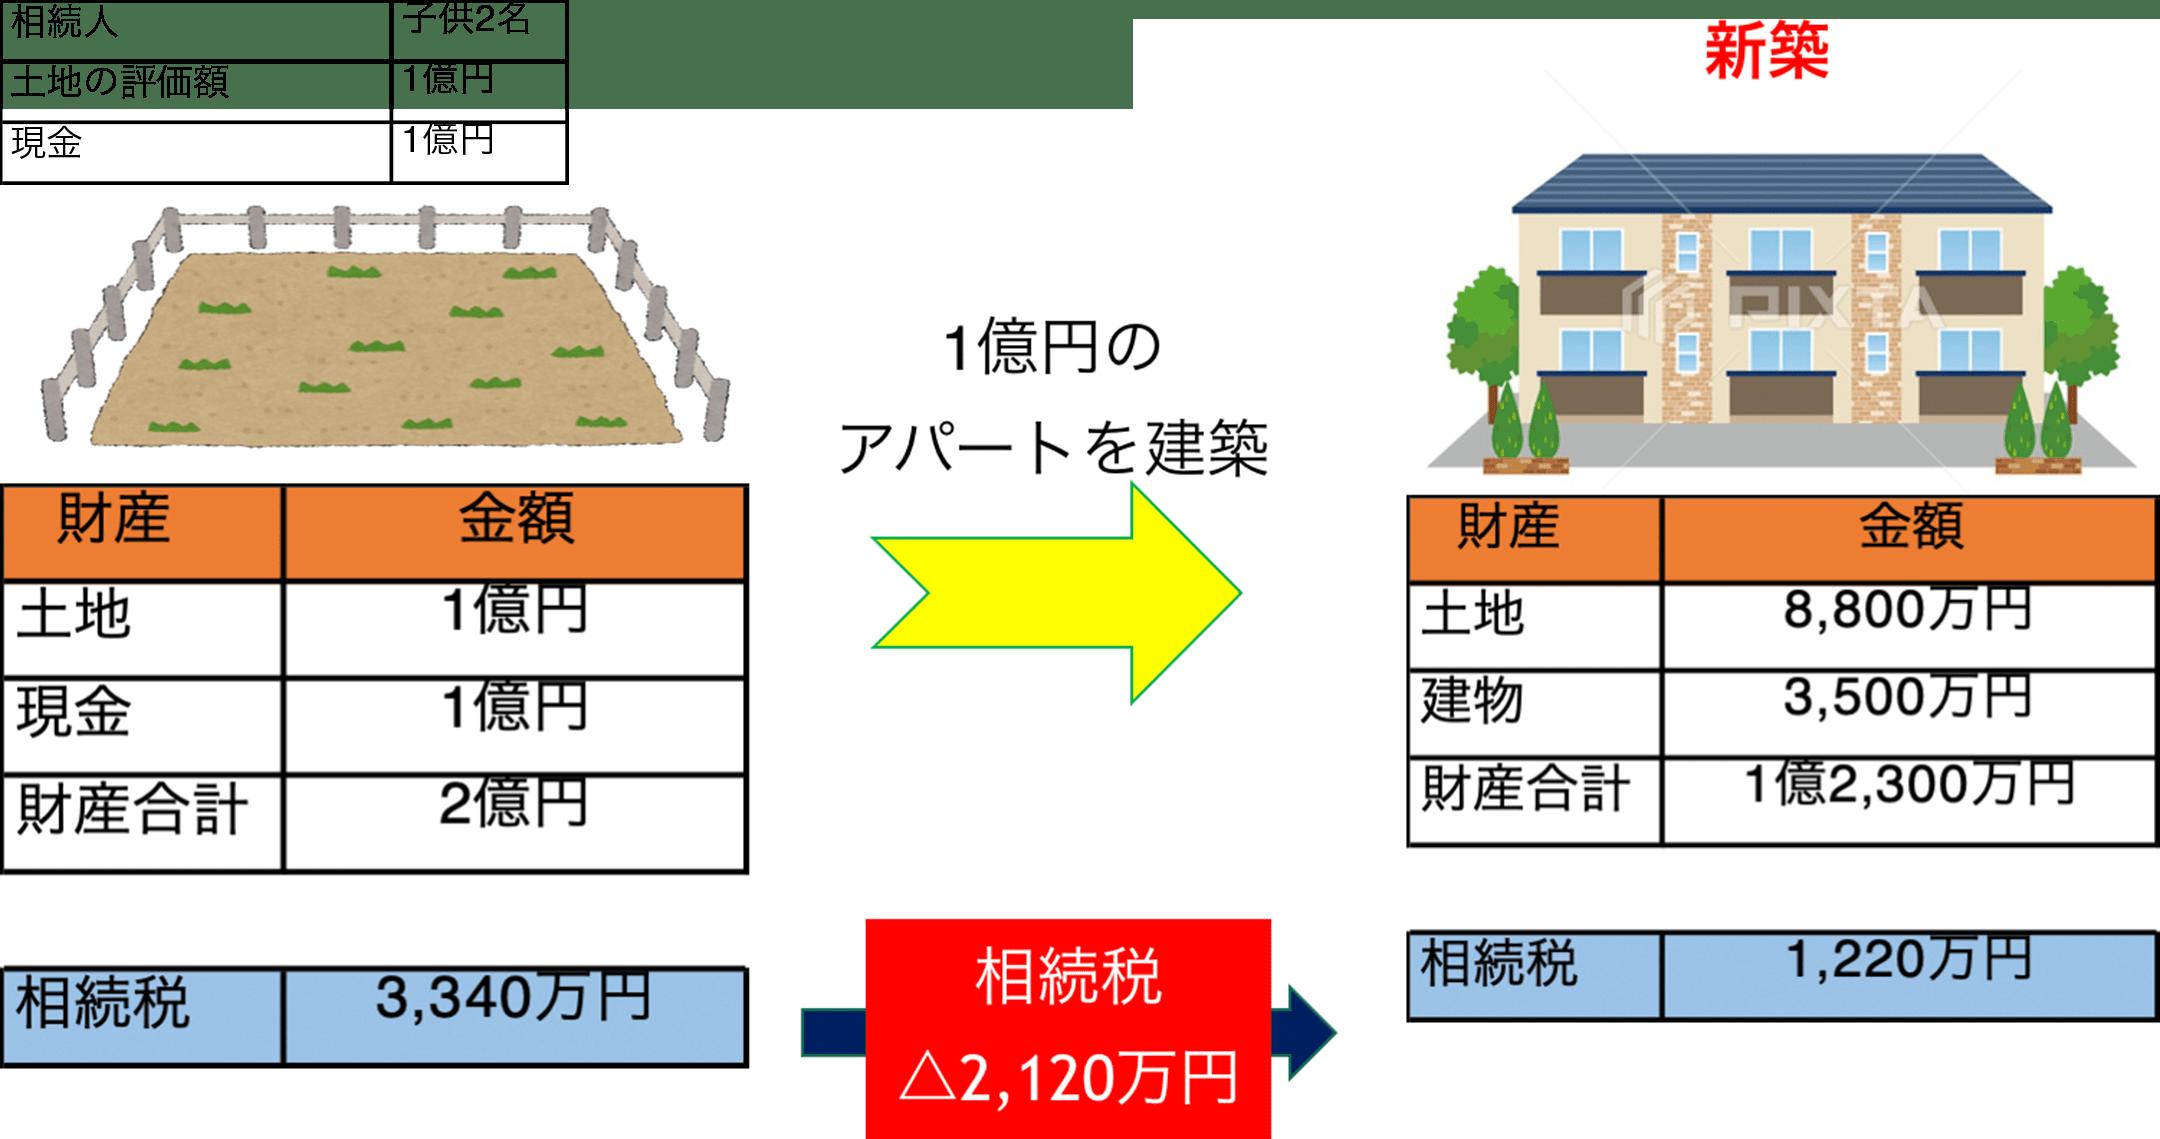 アパート建設